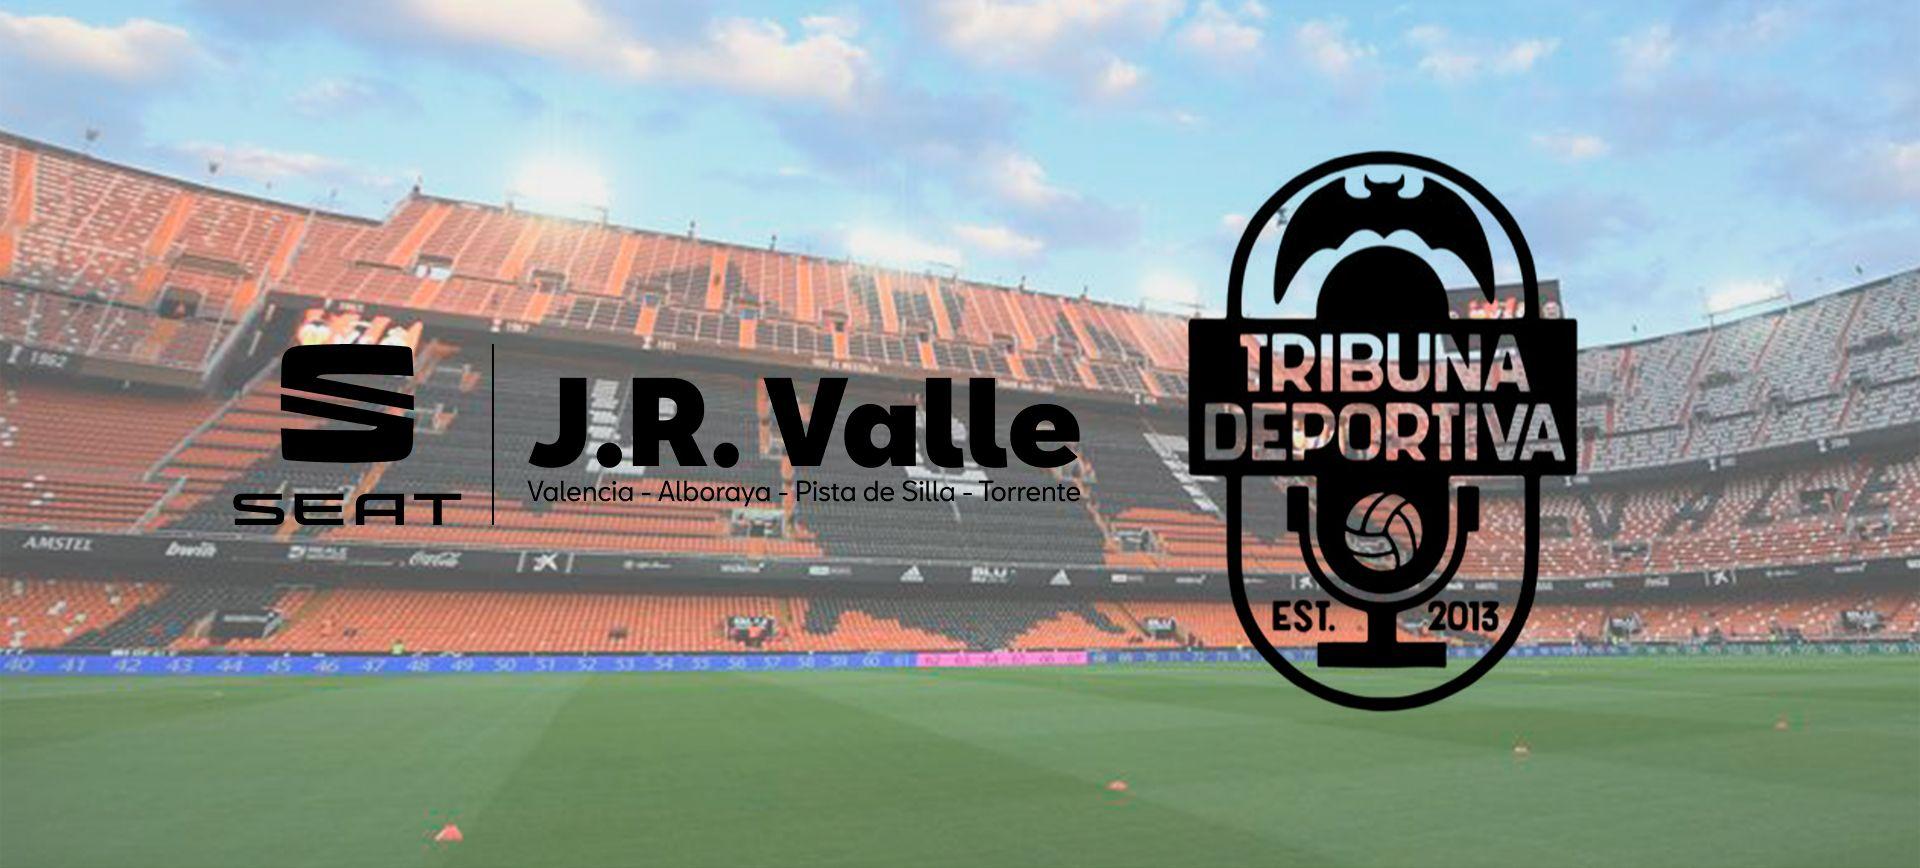 JR Valle en Tribuna Deportiva